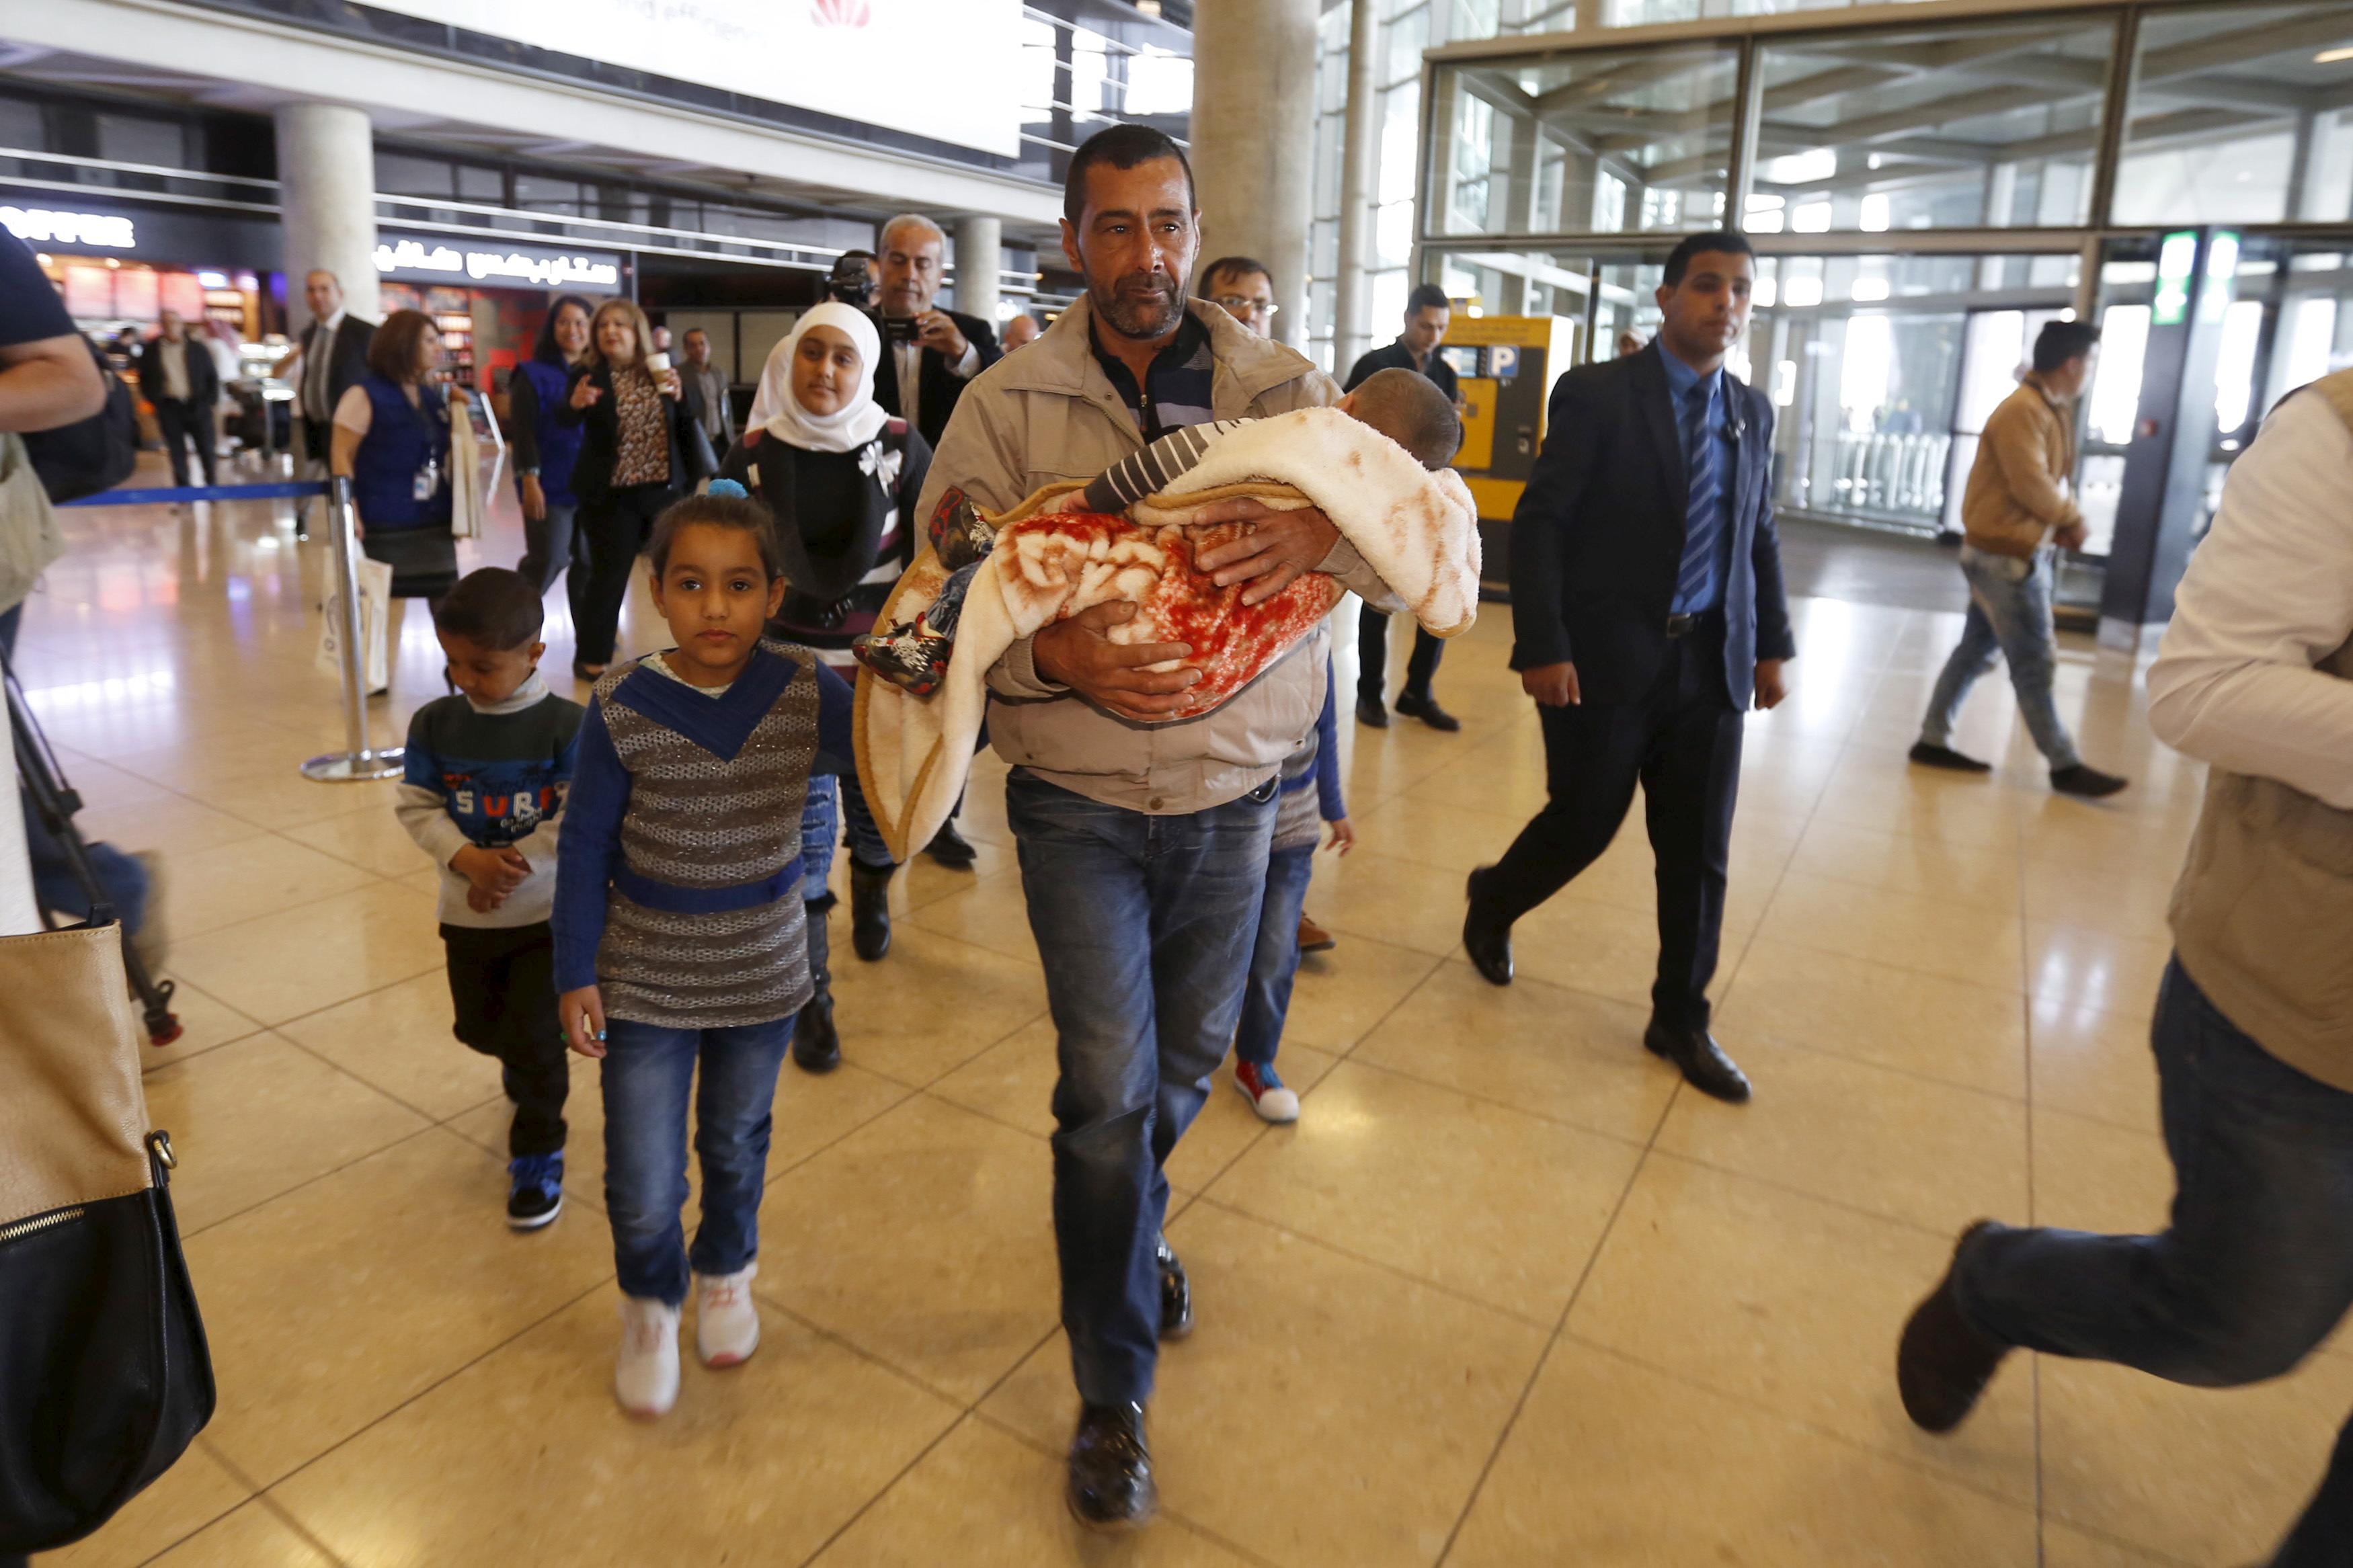 Hoa Kỳ nhận trở lại người tị nạn từ khắp thế giới, nhưng sẽ áp dụng cách xét duyệt mới